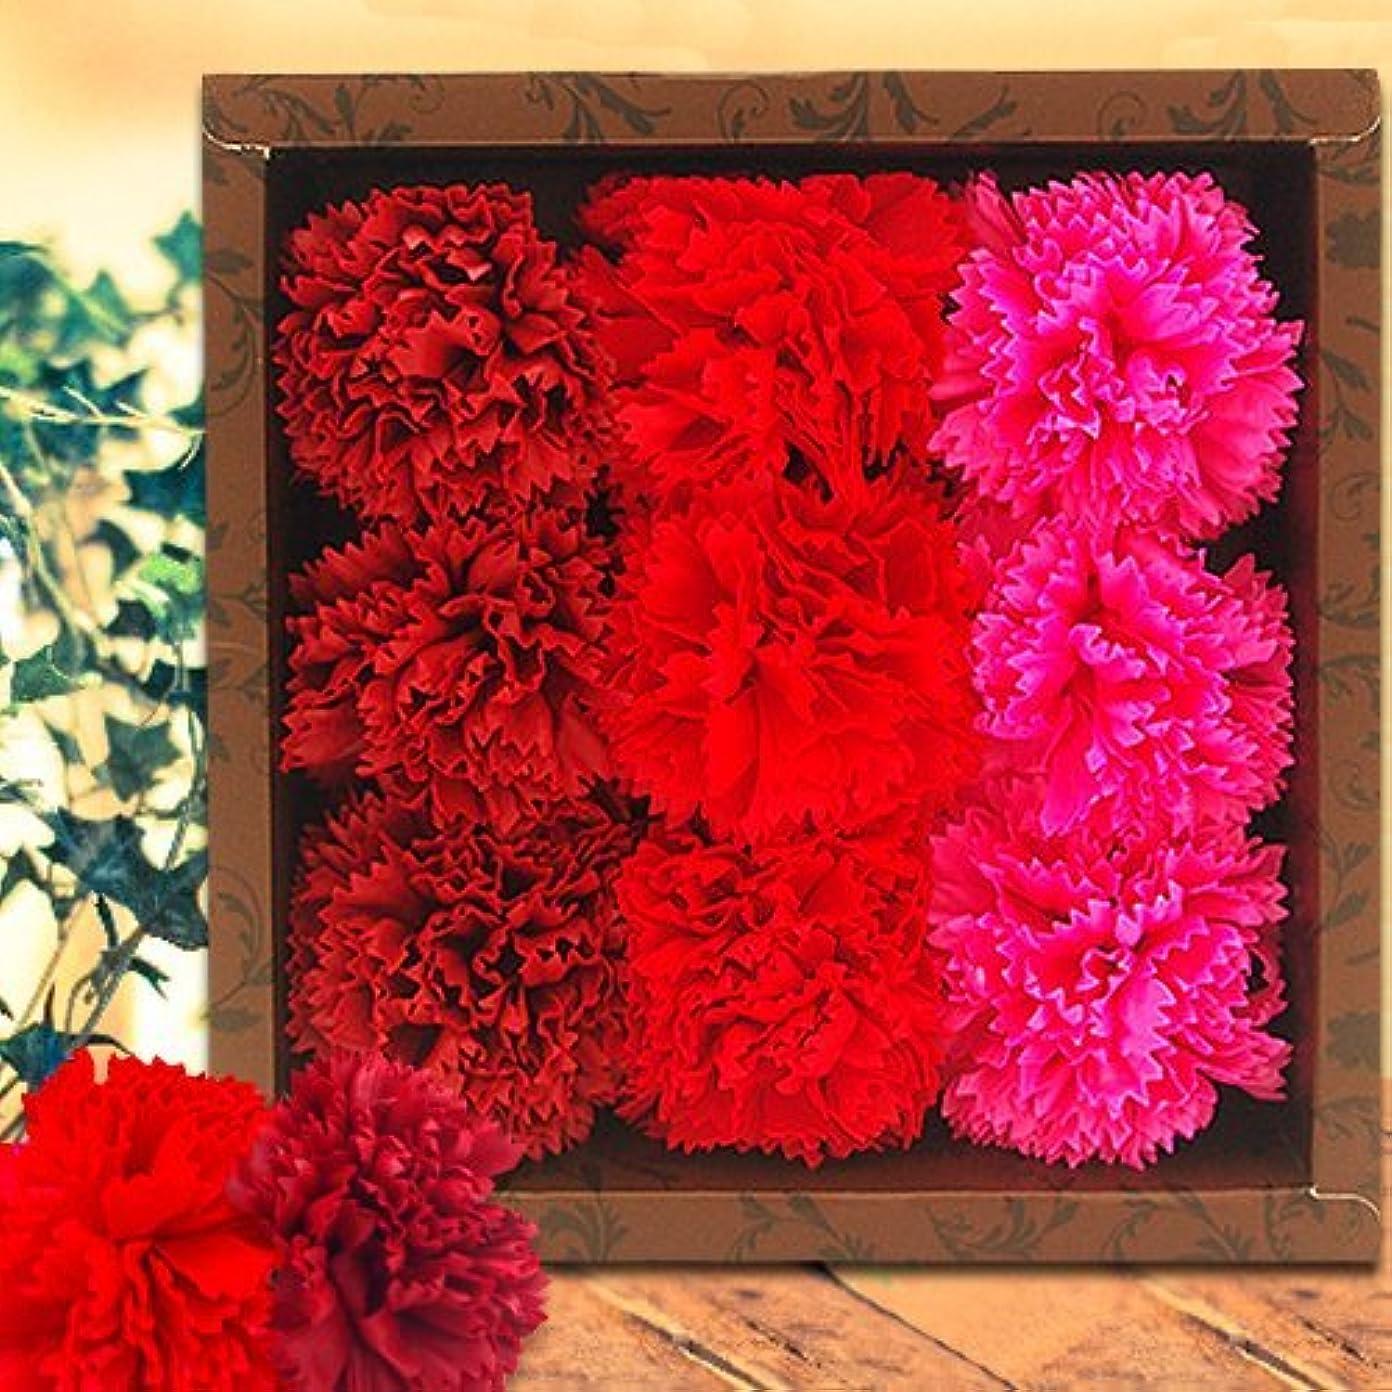 幅仲介者天井フラワーフレグランス(Carnation/Red)